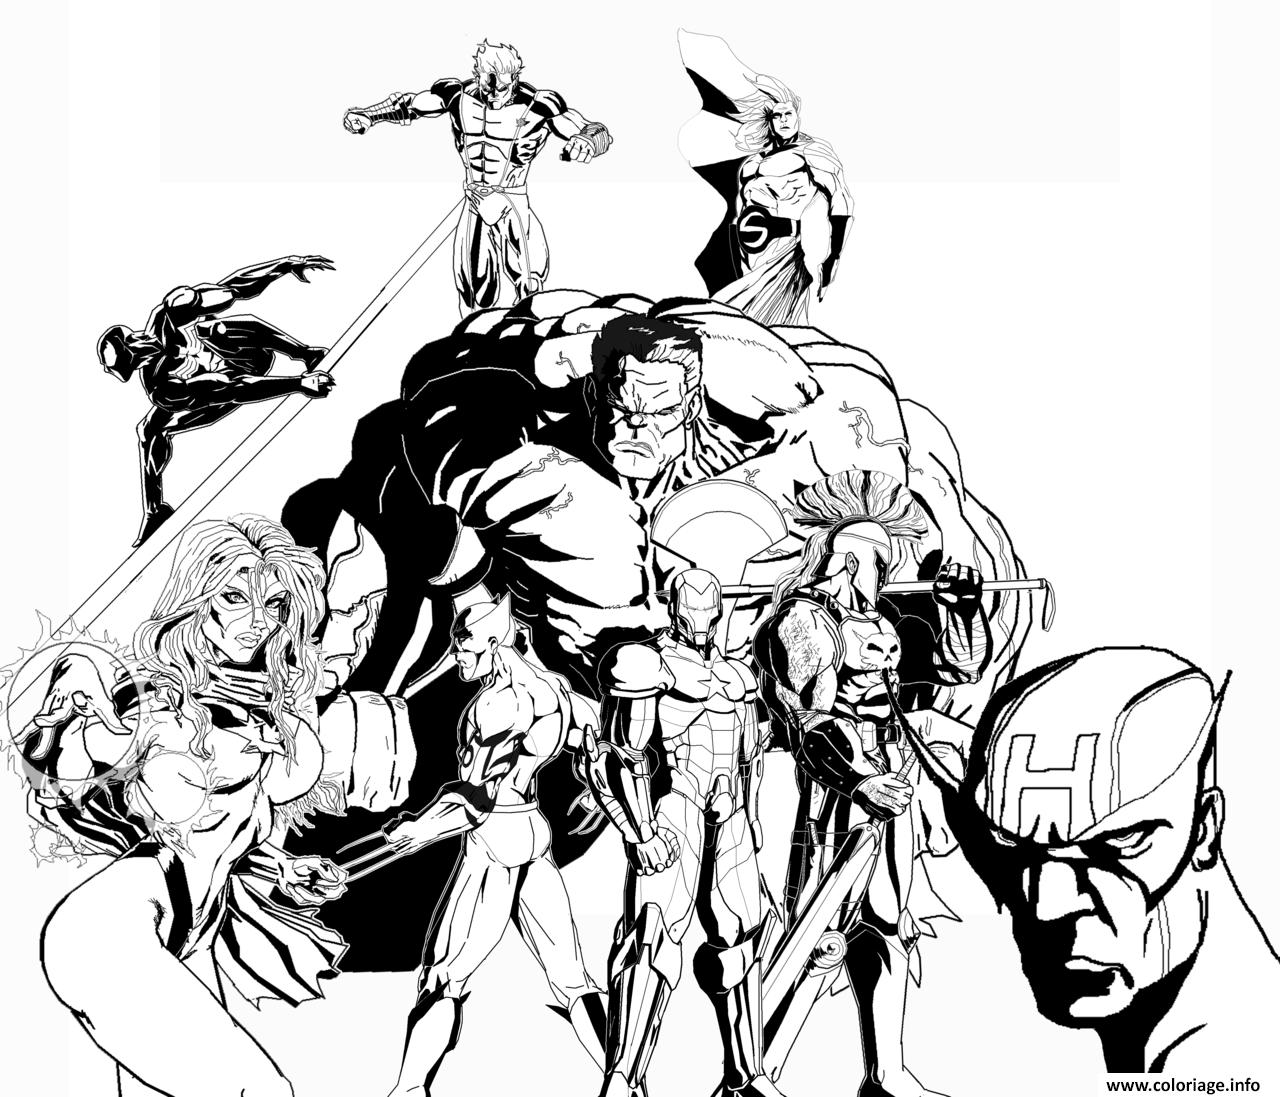 Coloriage avengers 379 - JeColorie.com